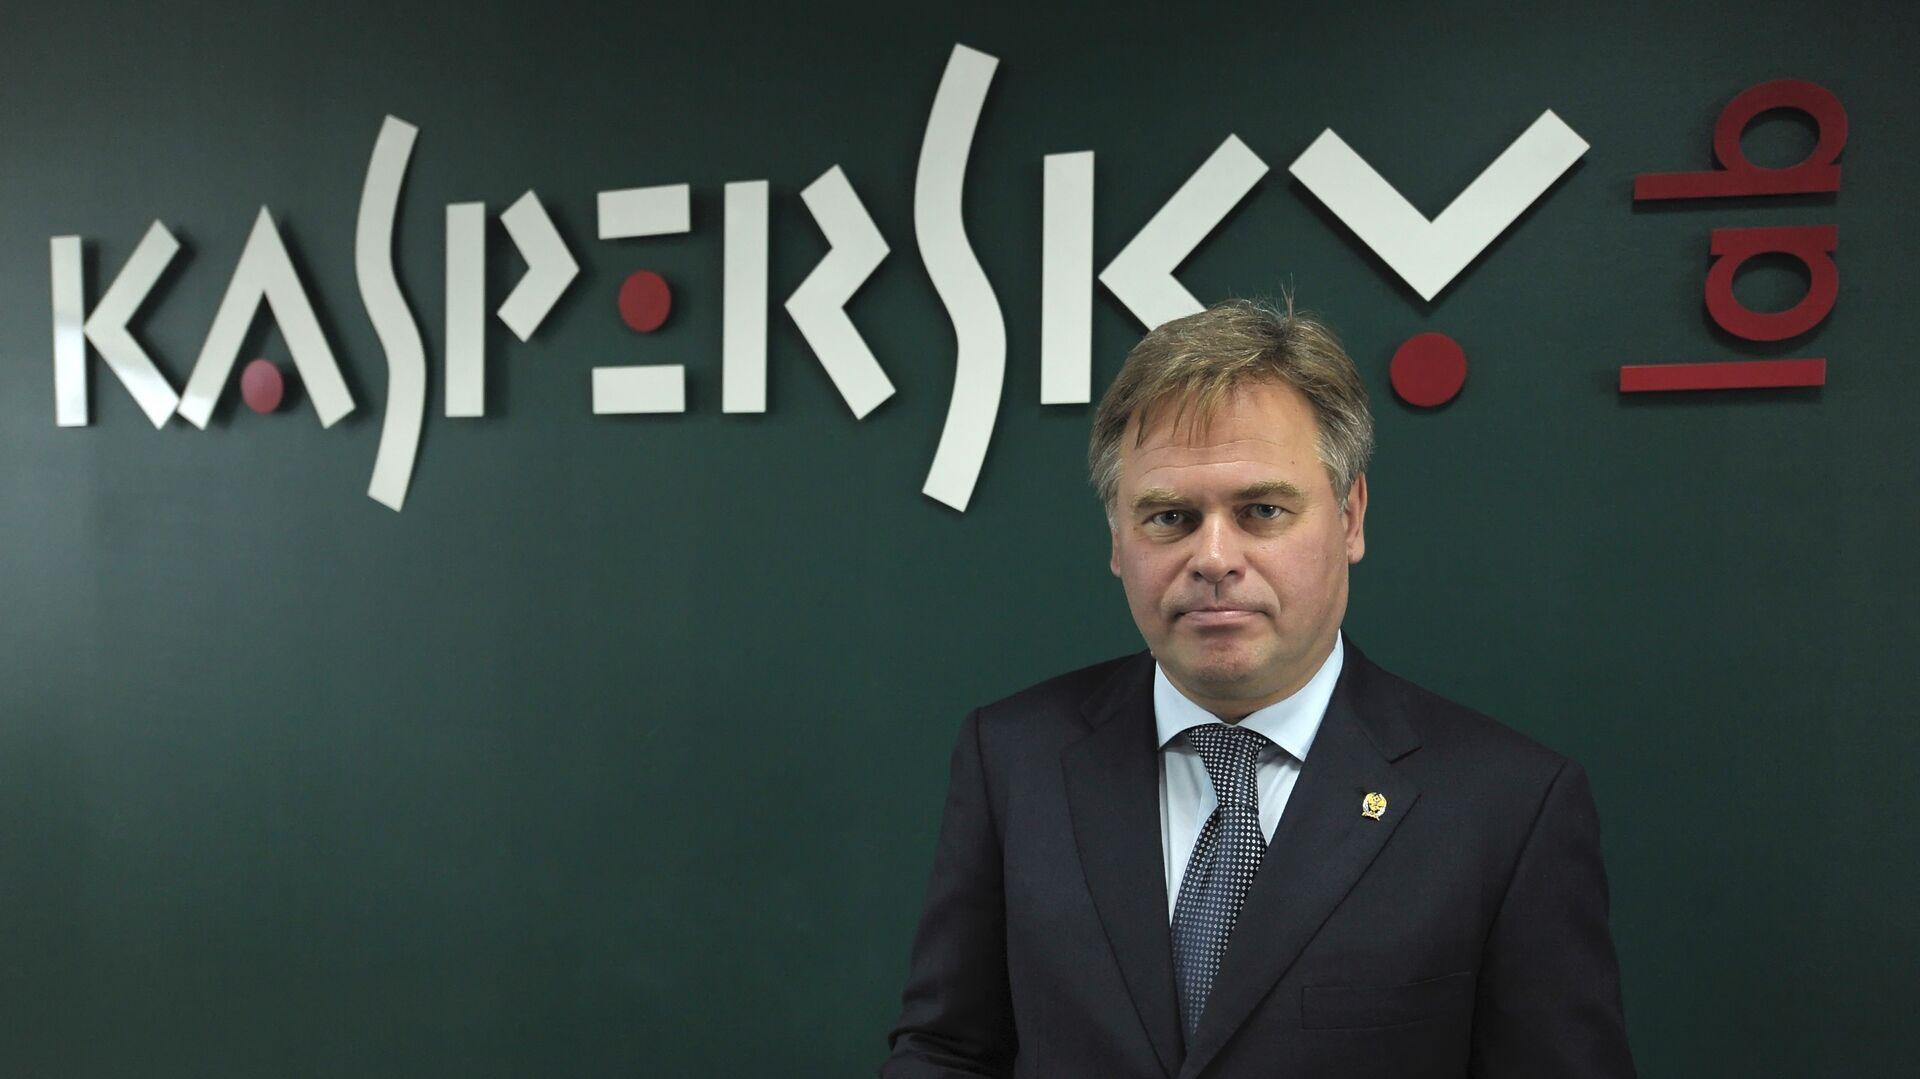 Основатель и руководитель Лаборатория Касперского Евгений Касперский - Sputnik Mundo, 1920, 02.07.2021